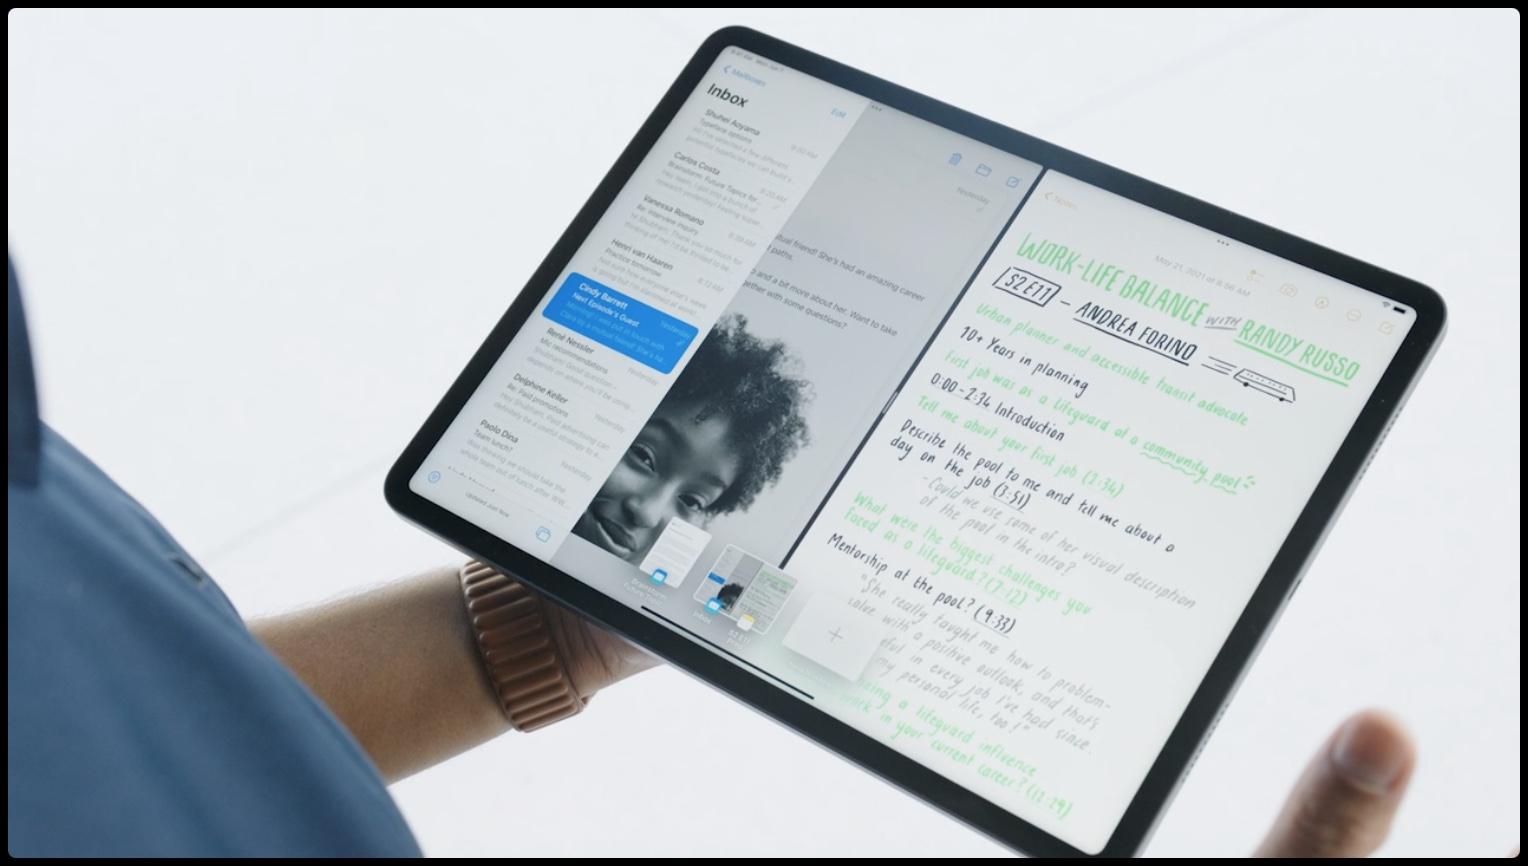 Une image montrant un iPad Pro avec une nouvelle fonctionnalité multitâche Shelf dans iPadOS 15